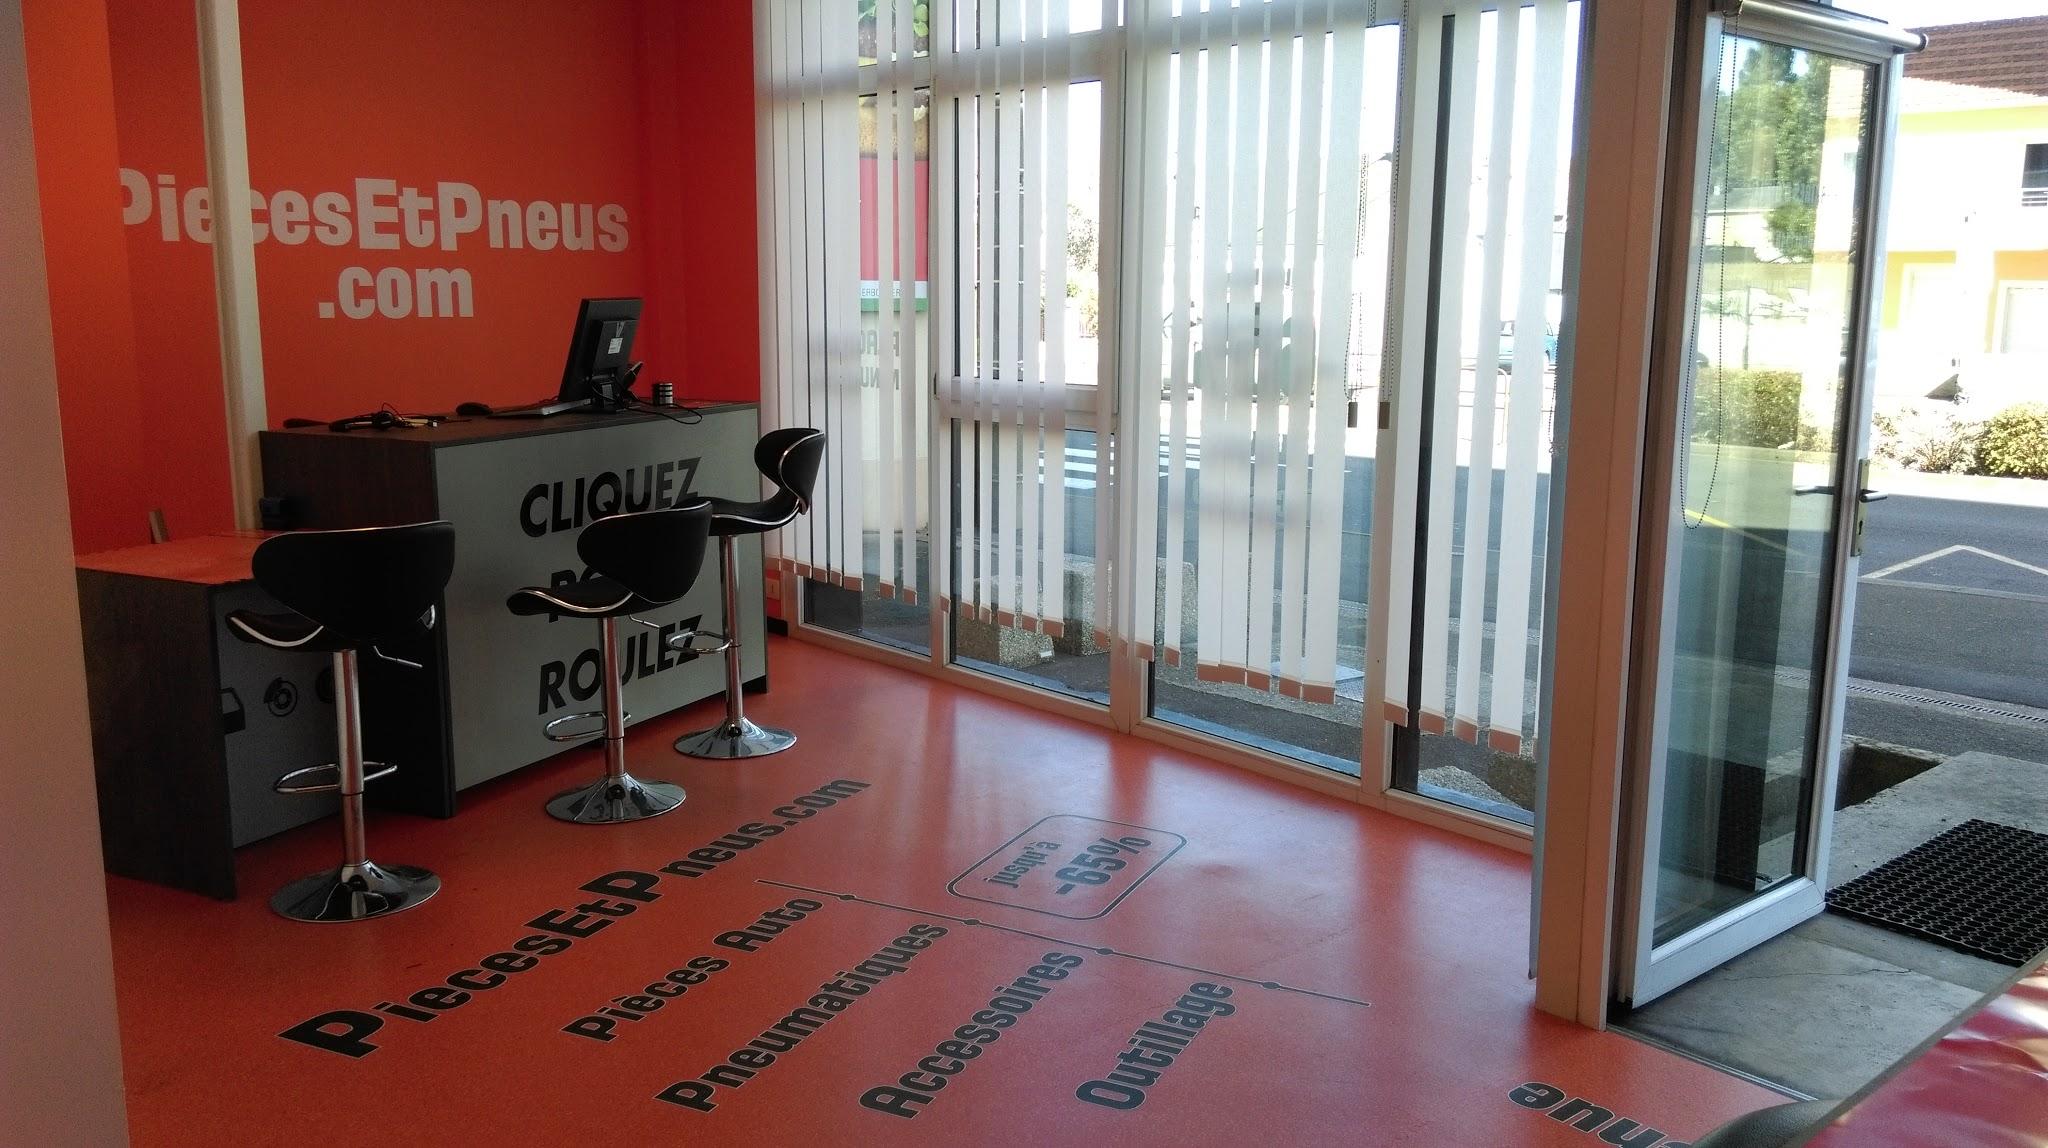 piecesetpneus.com Le Mans. Vue intérieure de la boutique